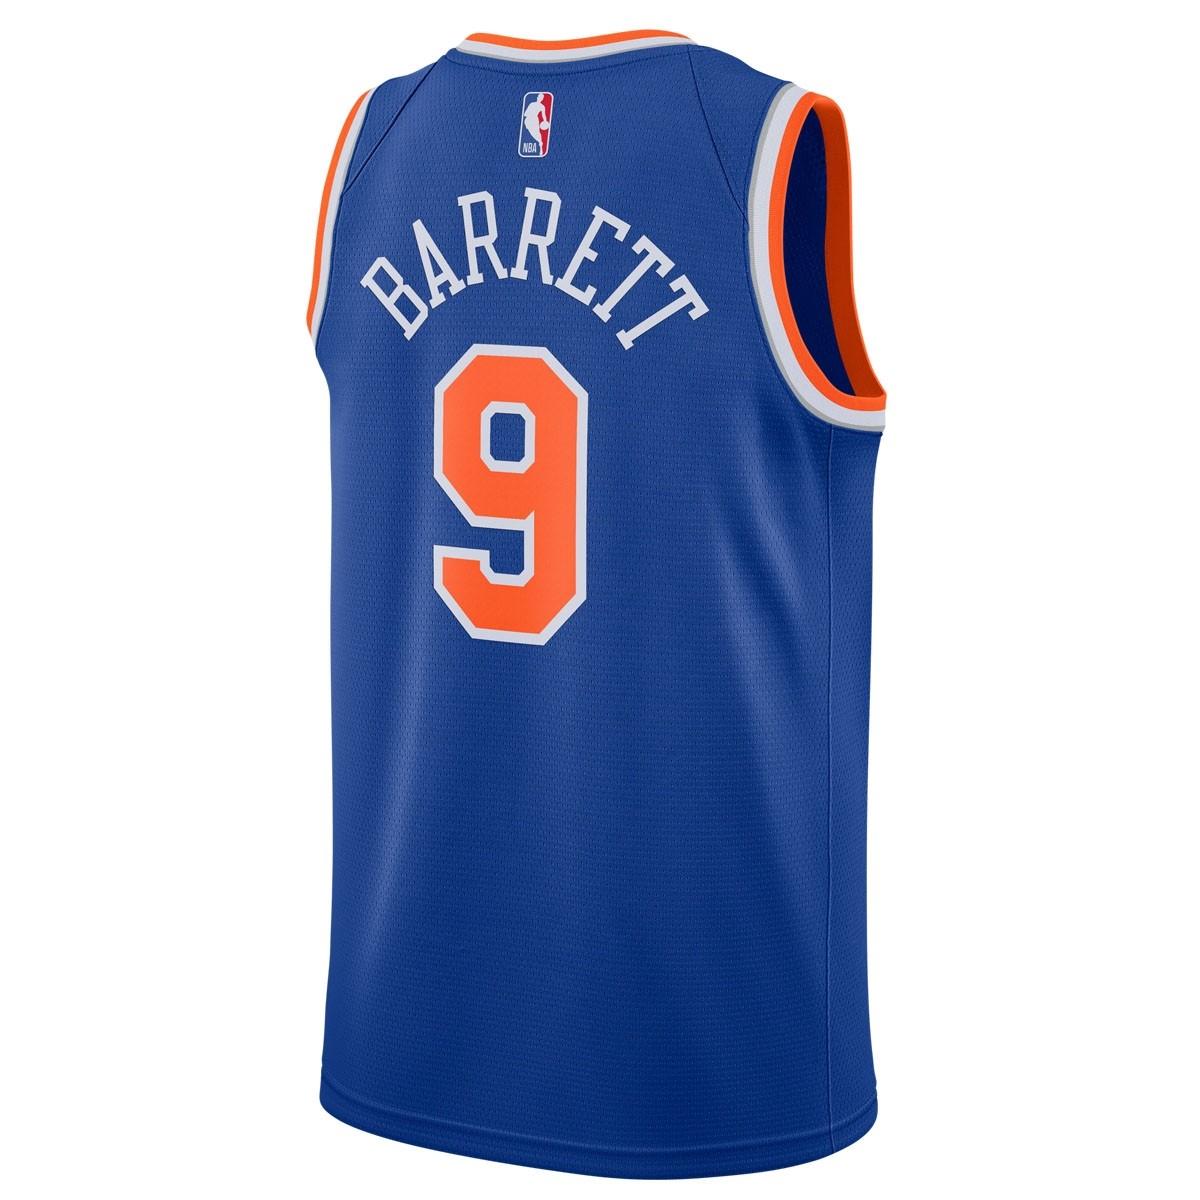 Nike NBA Knicks Swingman Jersey Rj Barrett 'Icon Edition' 864495-405